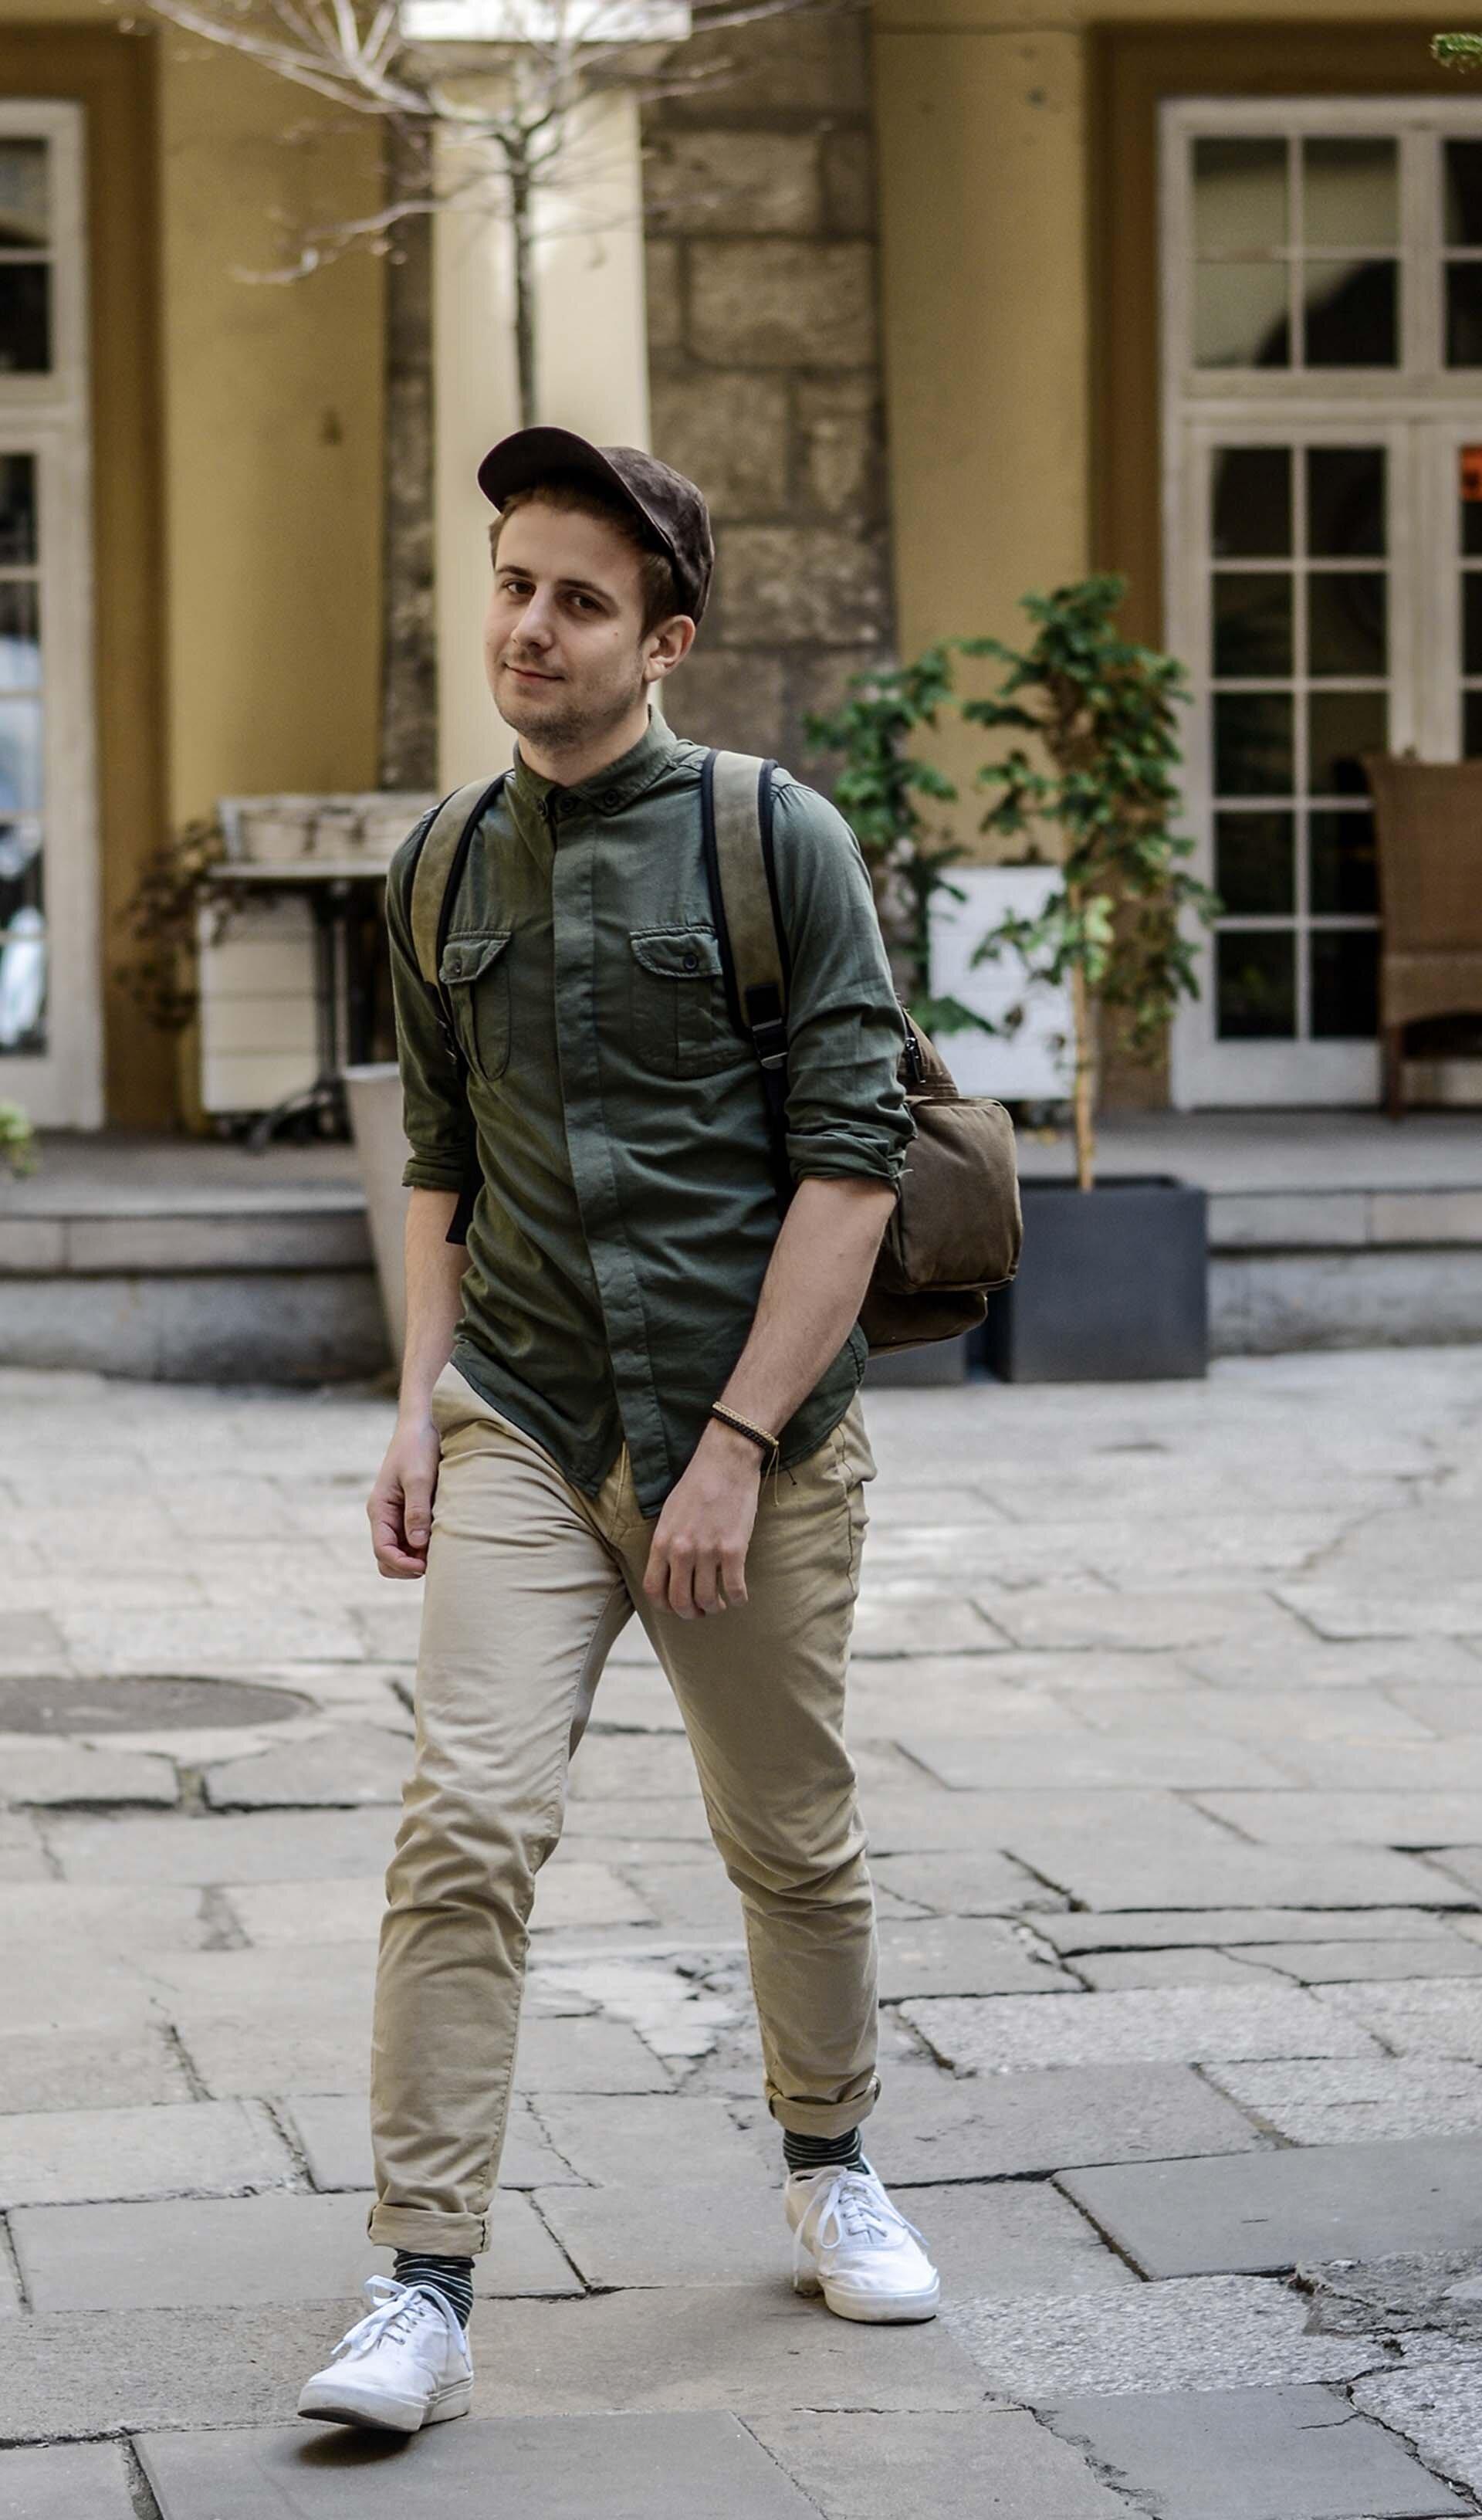 Męskie safari, zielona koszula, masywny plecak męski, zamszowa czapka z daszkiem, GMALE, Blog o modzie męskiej, Grzegorz Paliś